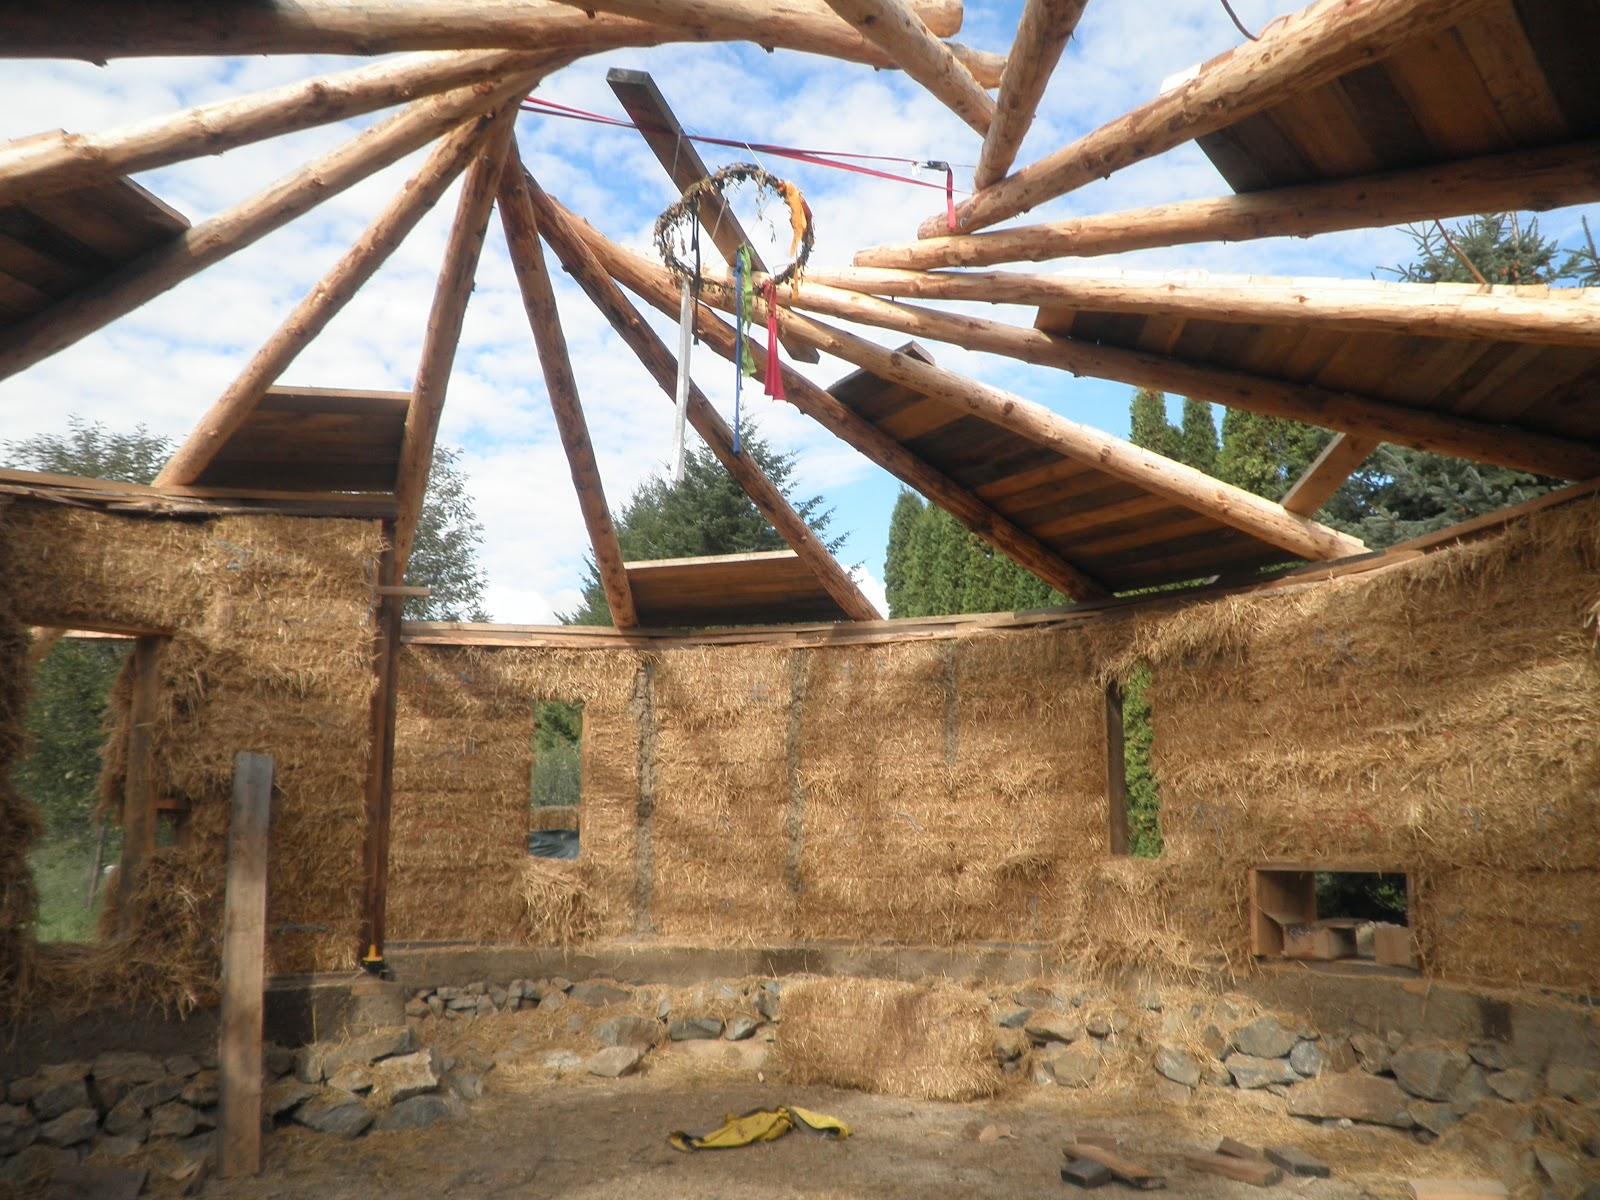 Construire en terre maison en spirale - Construire une maison en terre ...